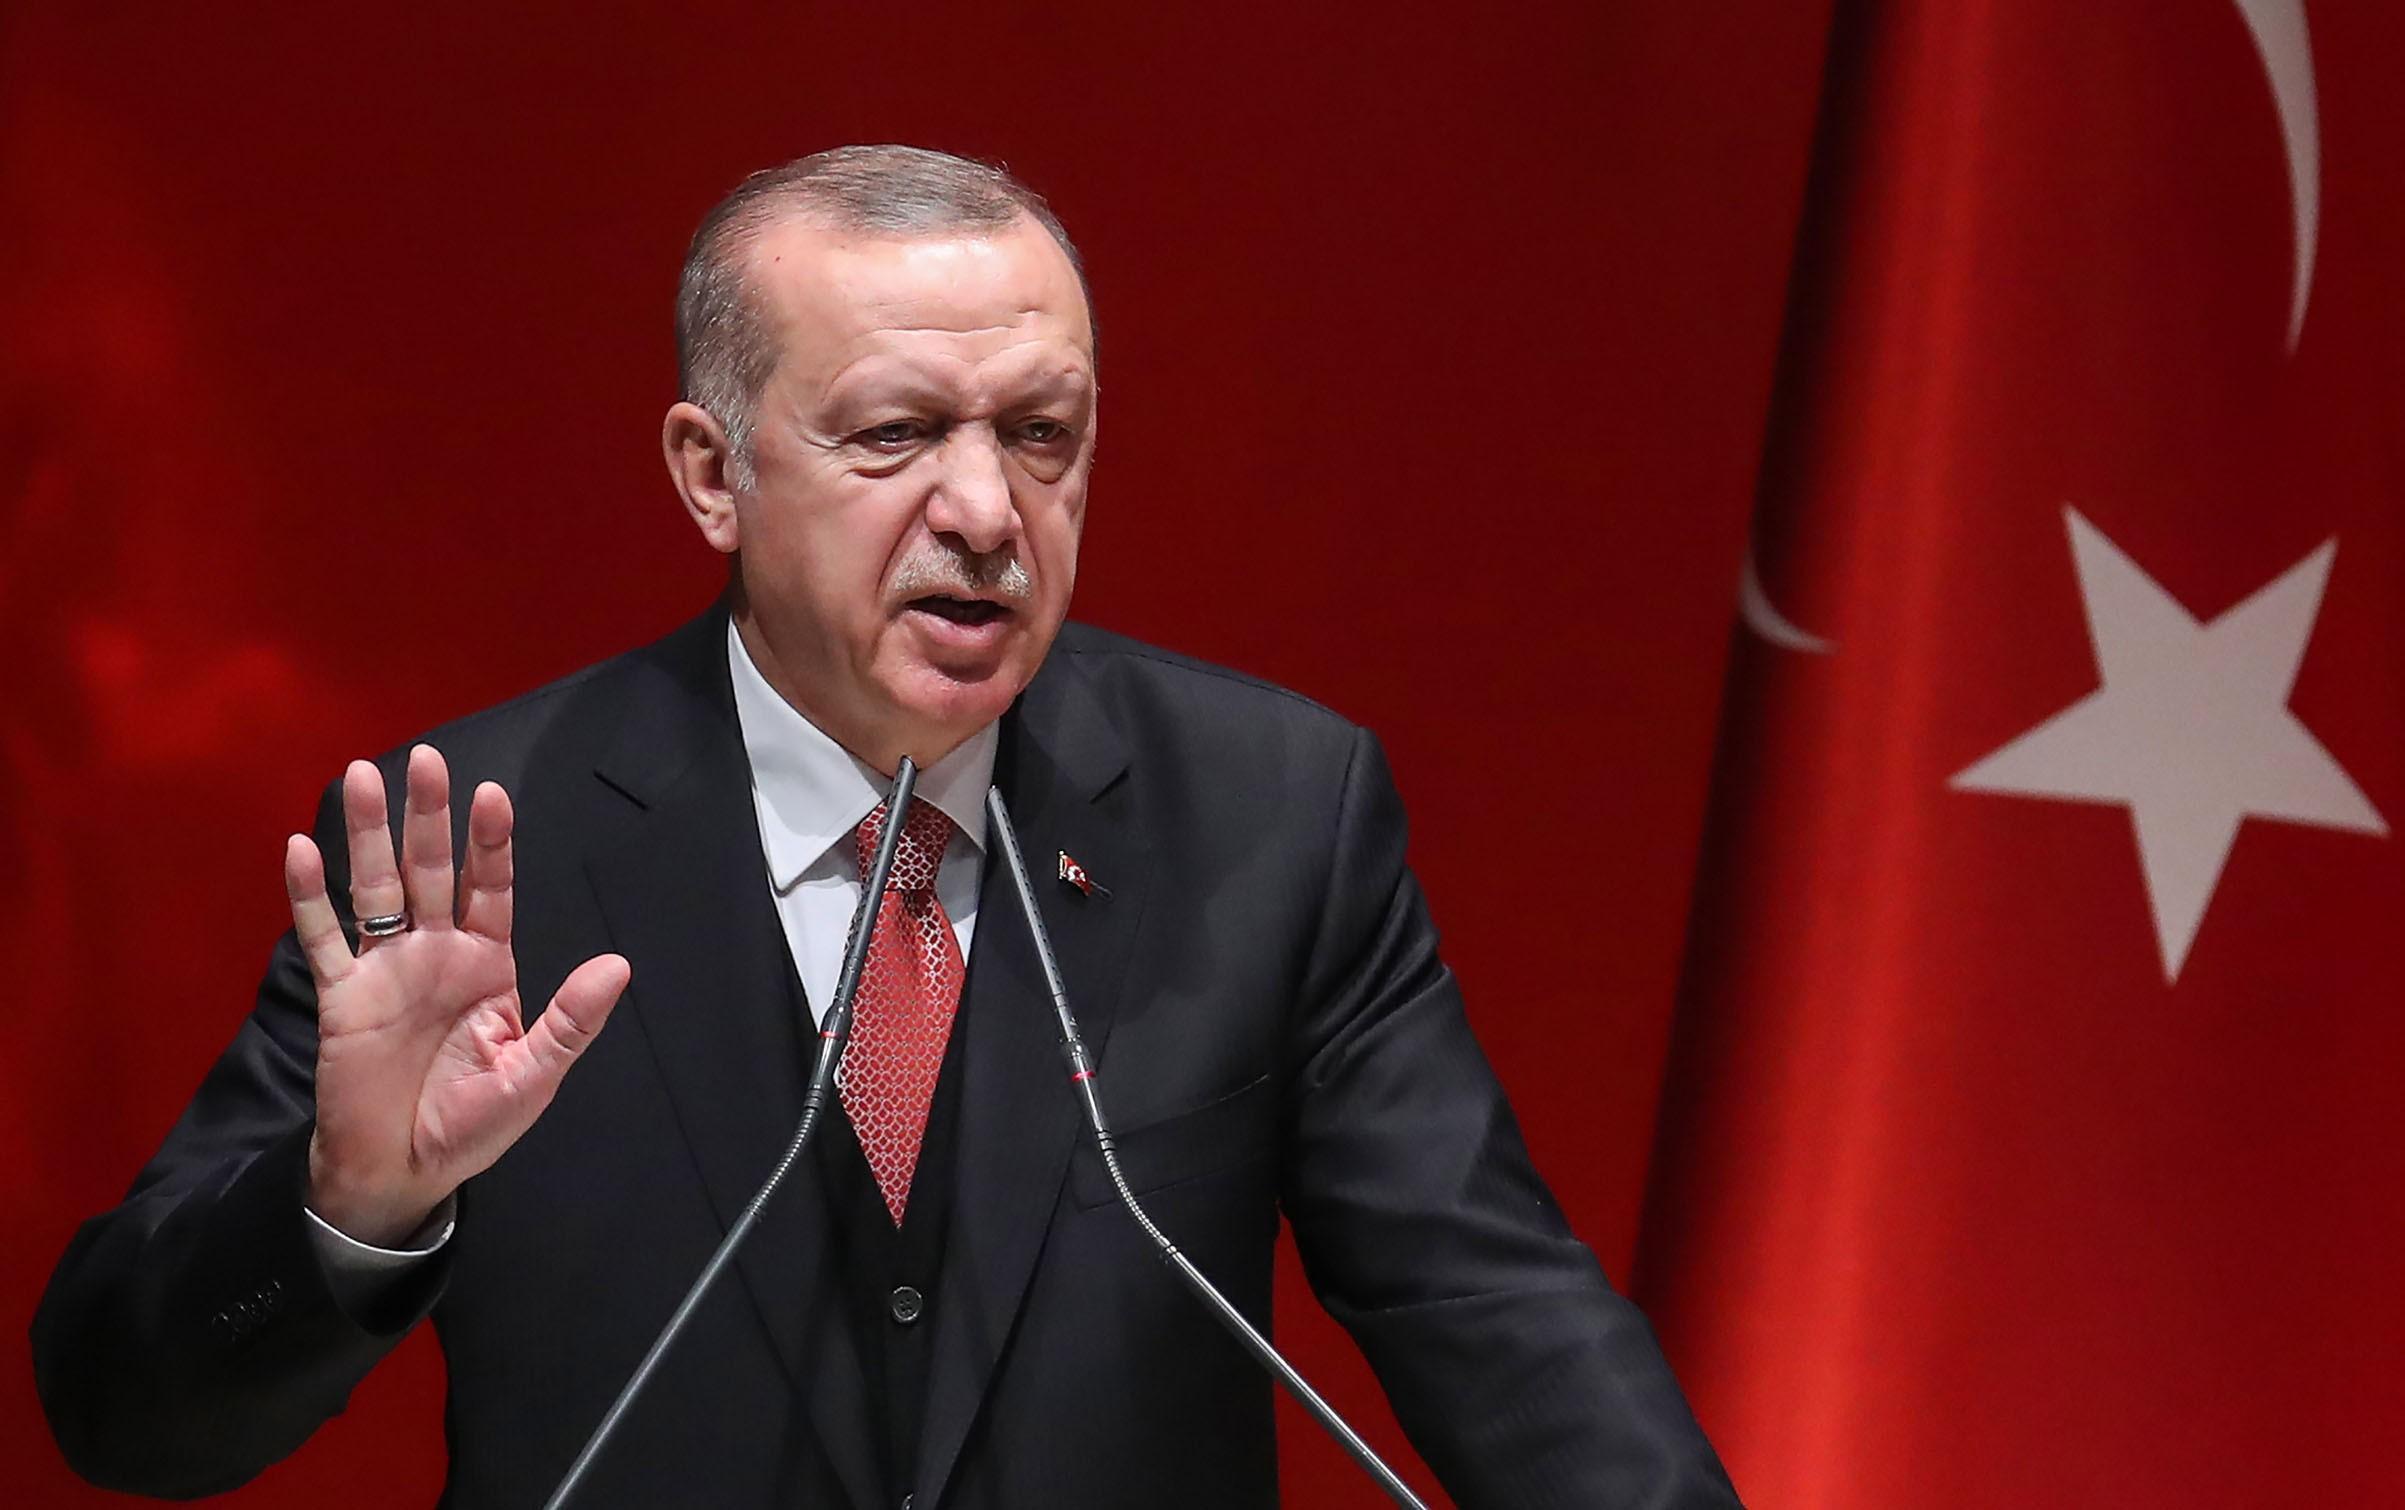 Турция эвакуирует азербайджанцев из эпицентра распространения коронавируса в Китае